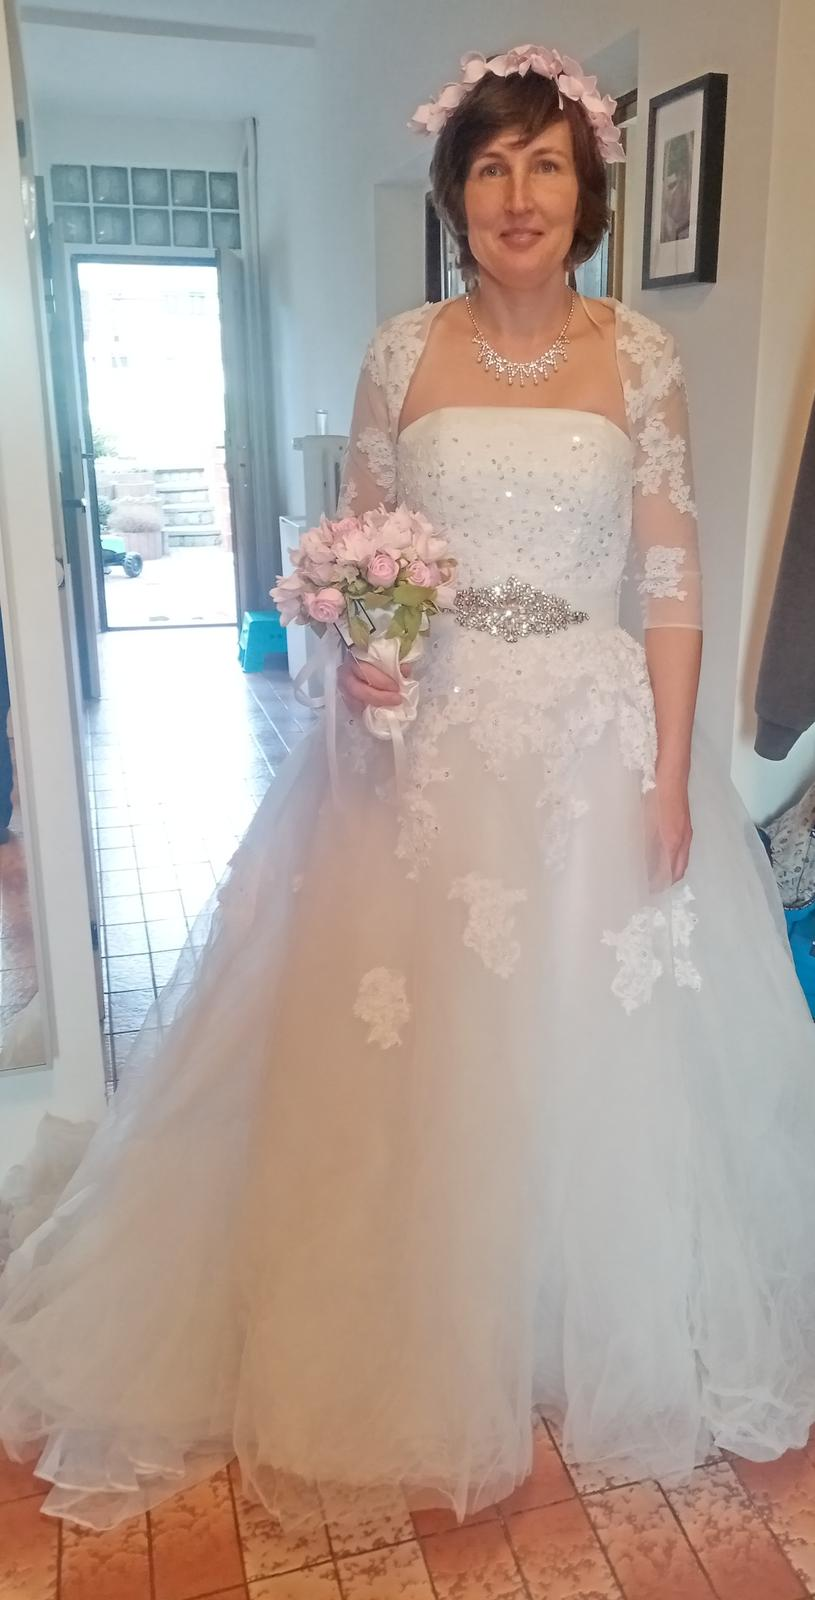 Princeznovske svatební šaty 38/40 - Obrázek č. 1